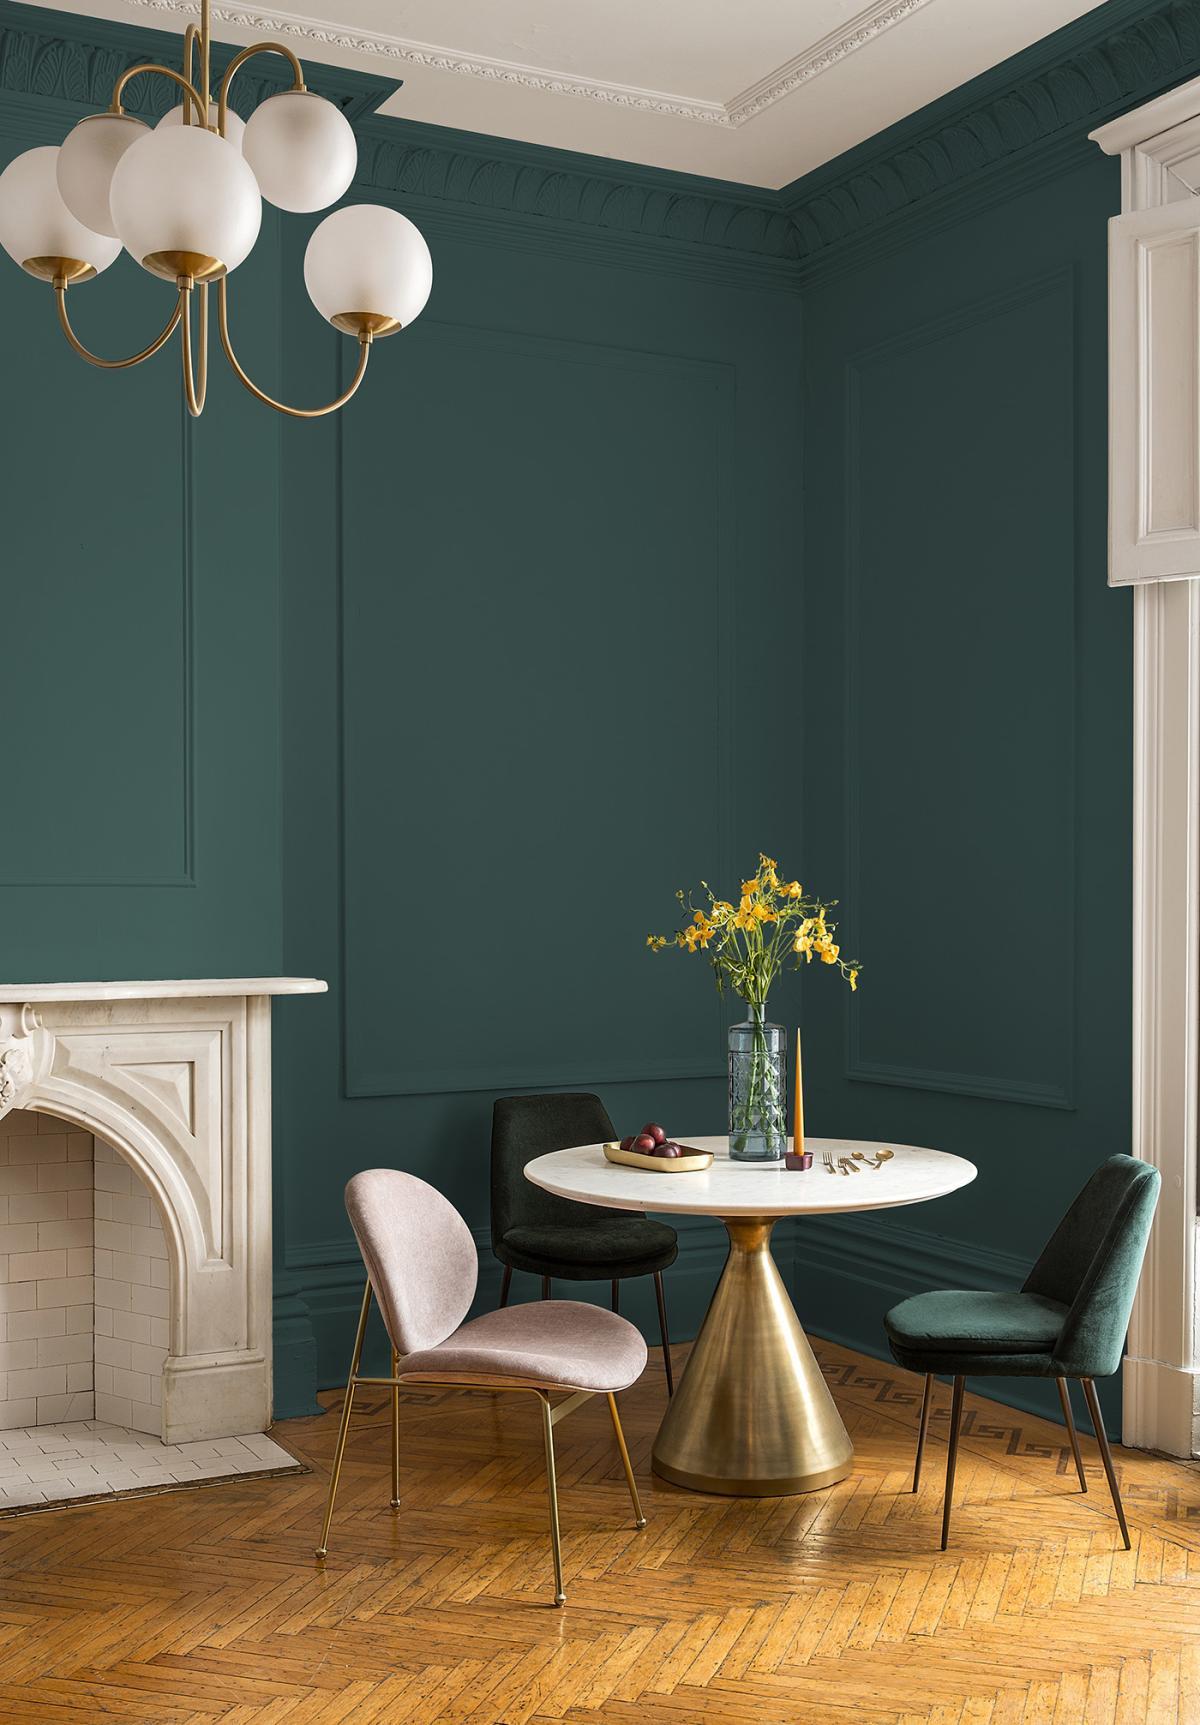 Best ideas about Best Interior Paint Colors . Save or Pin Best Interior Paint Colors for 2019 Now.